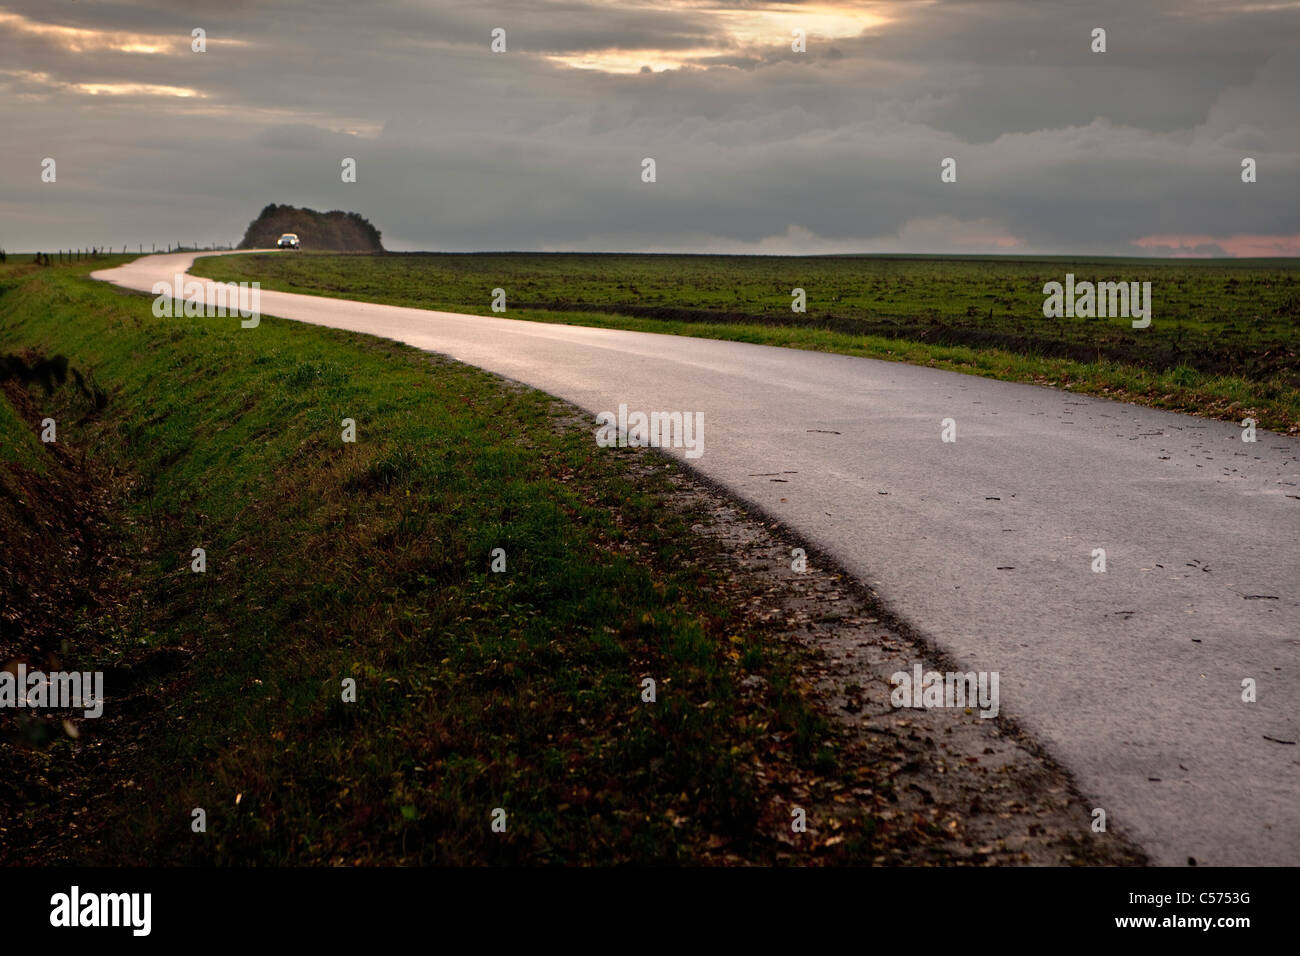 Den Niederlanden, Ootmarsum. Straße bei Sonnenuntergang. Auto. Stockbild